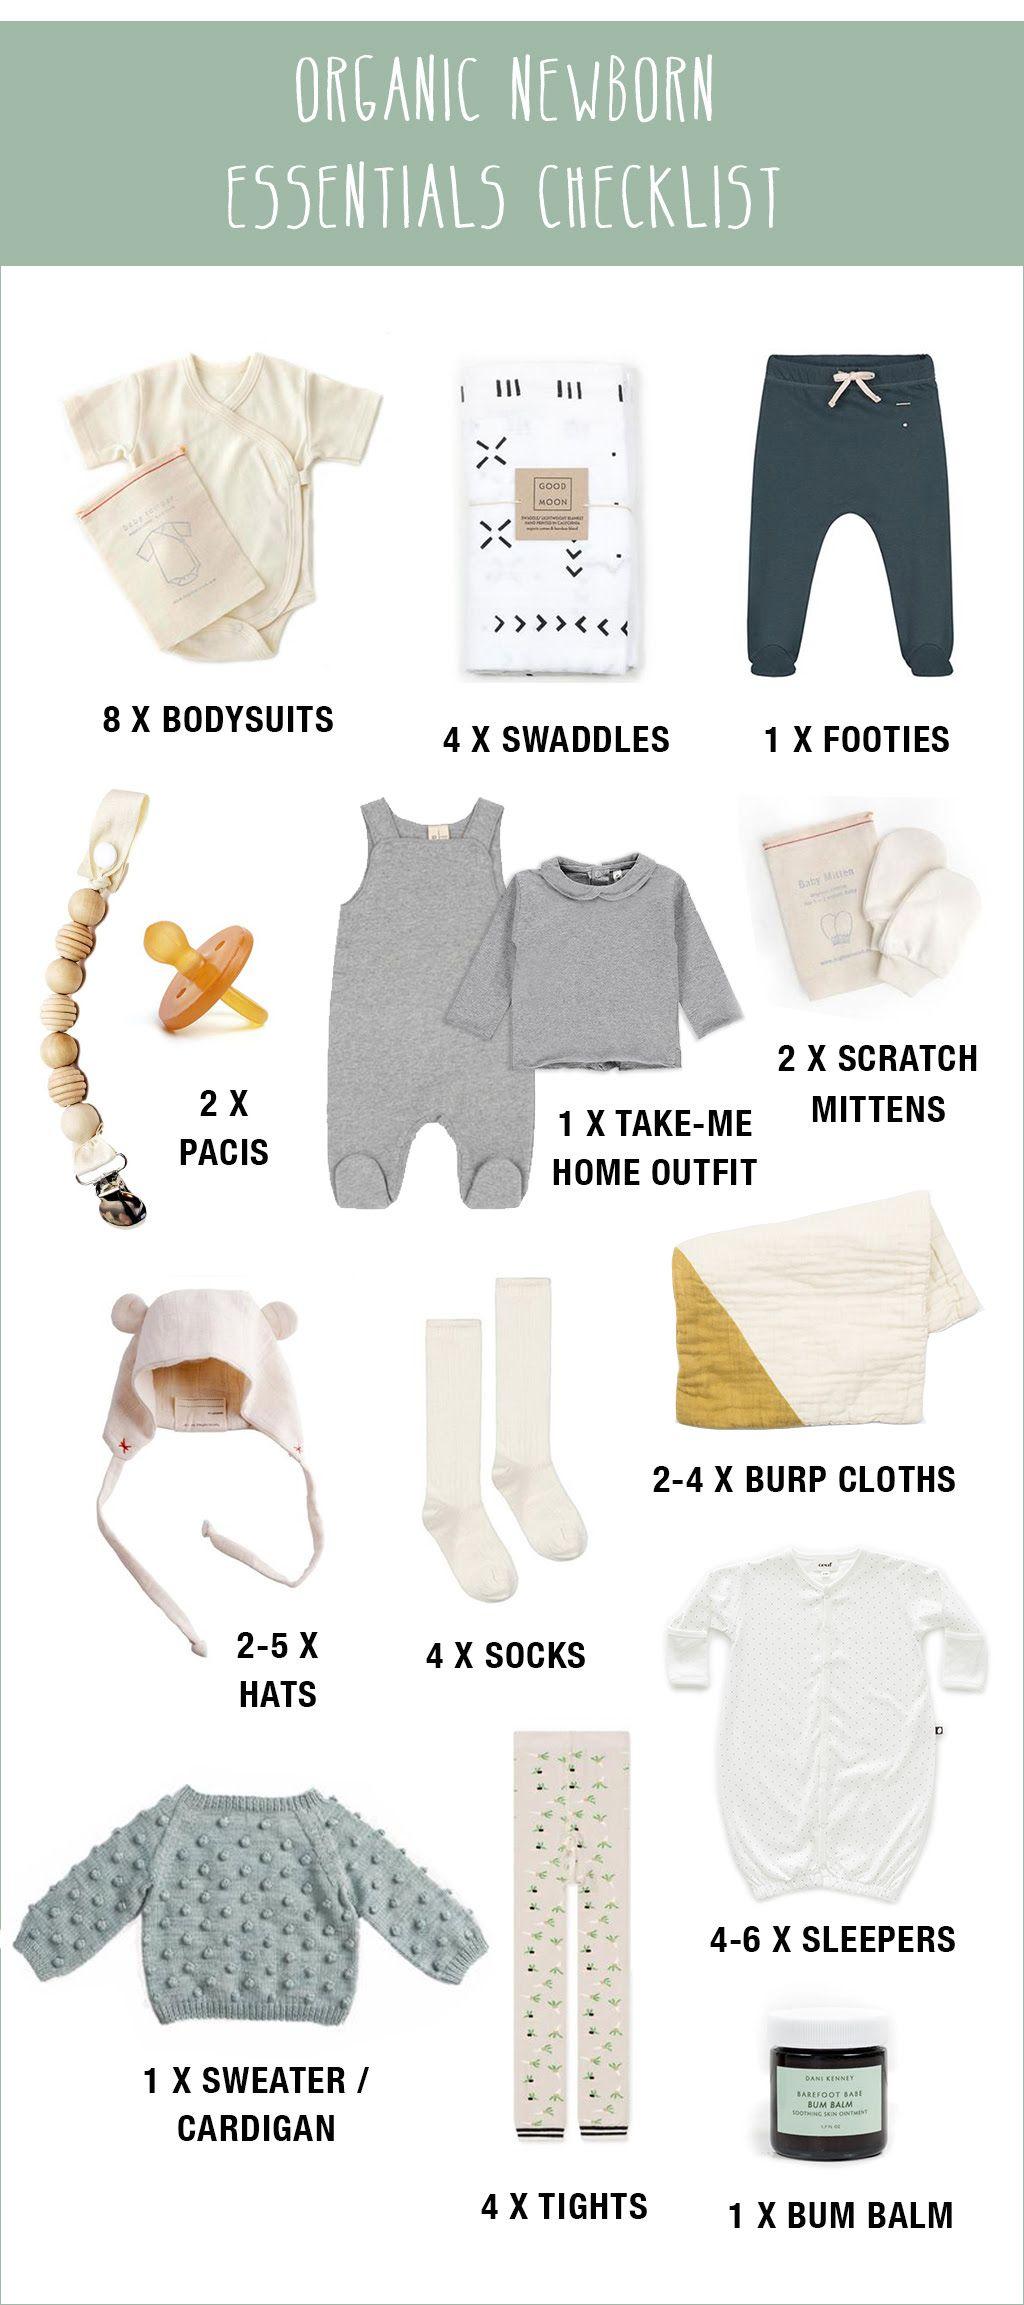 Organic Newborn Essentials Checklist Newborn Essentials Checklist Baby Essentials Newborn Wholesale Baby Clothes